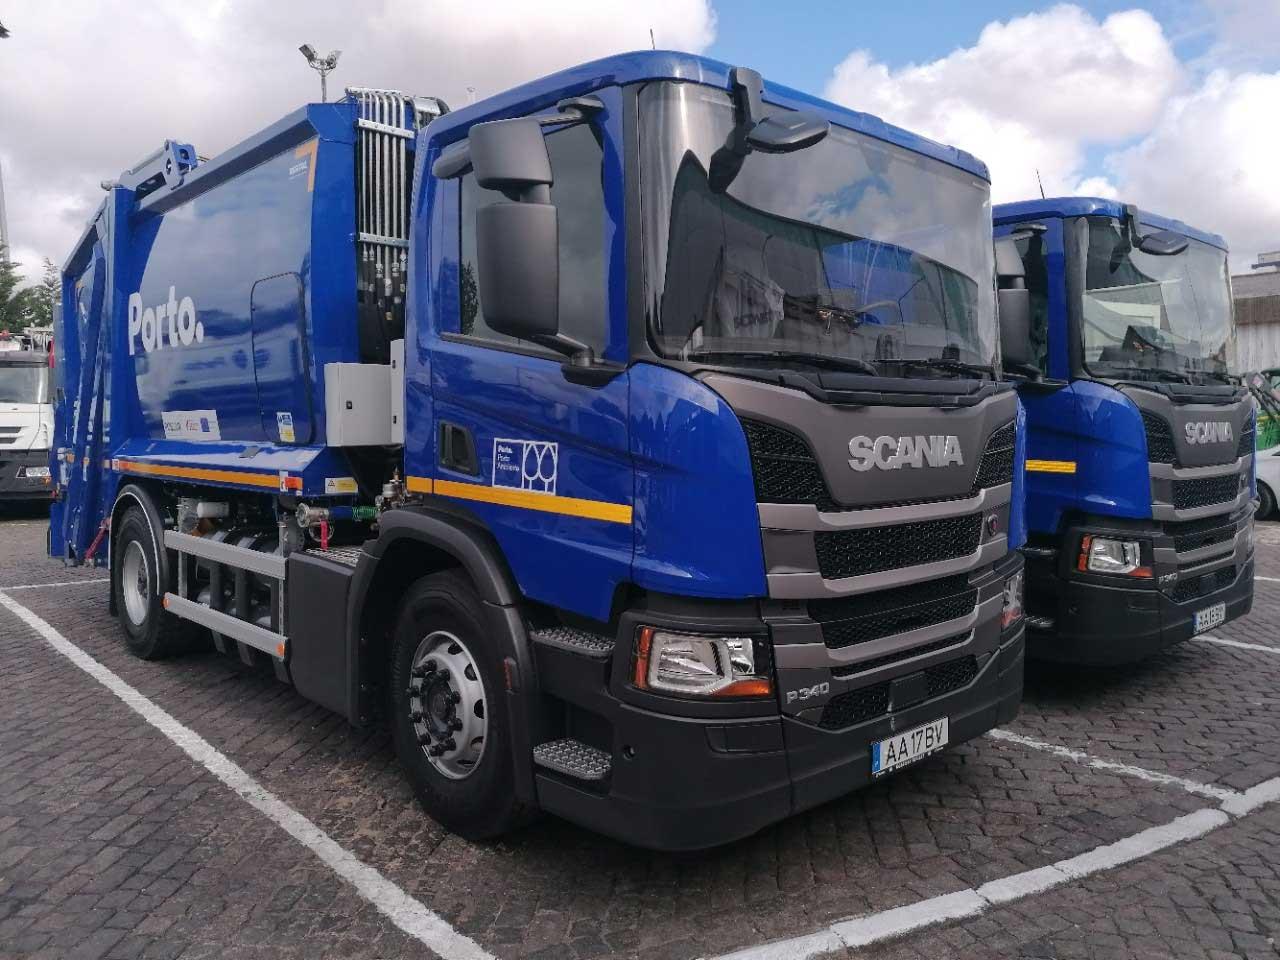 Des bennes à ordures au gaz naturel pour la ville de Porto